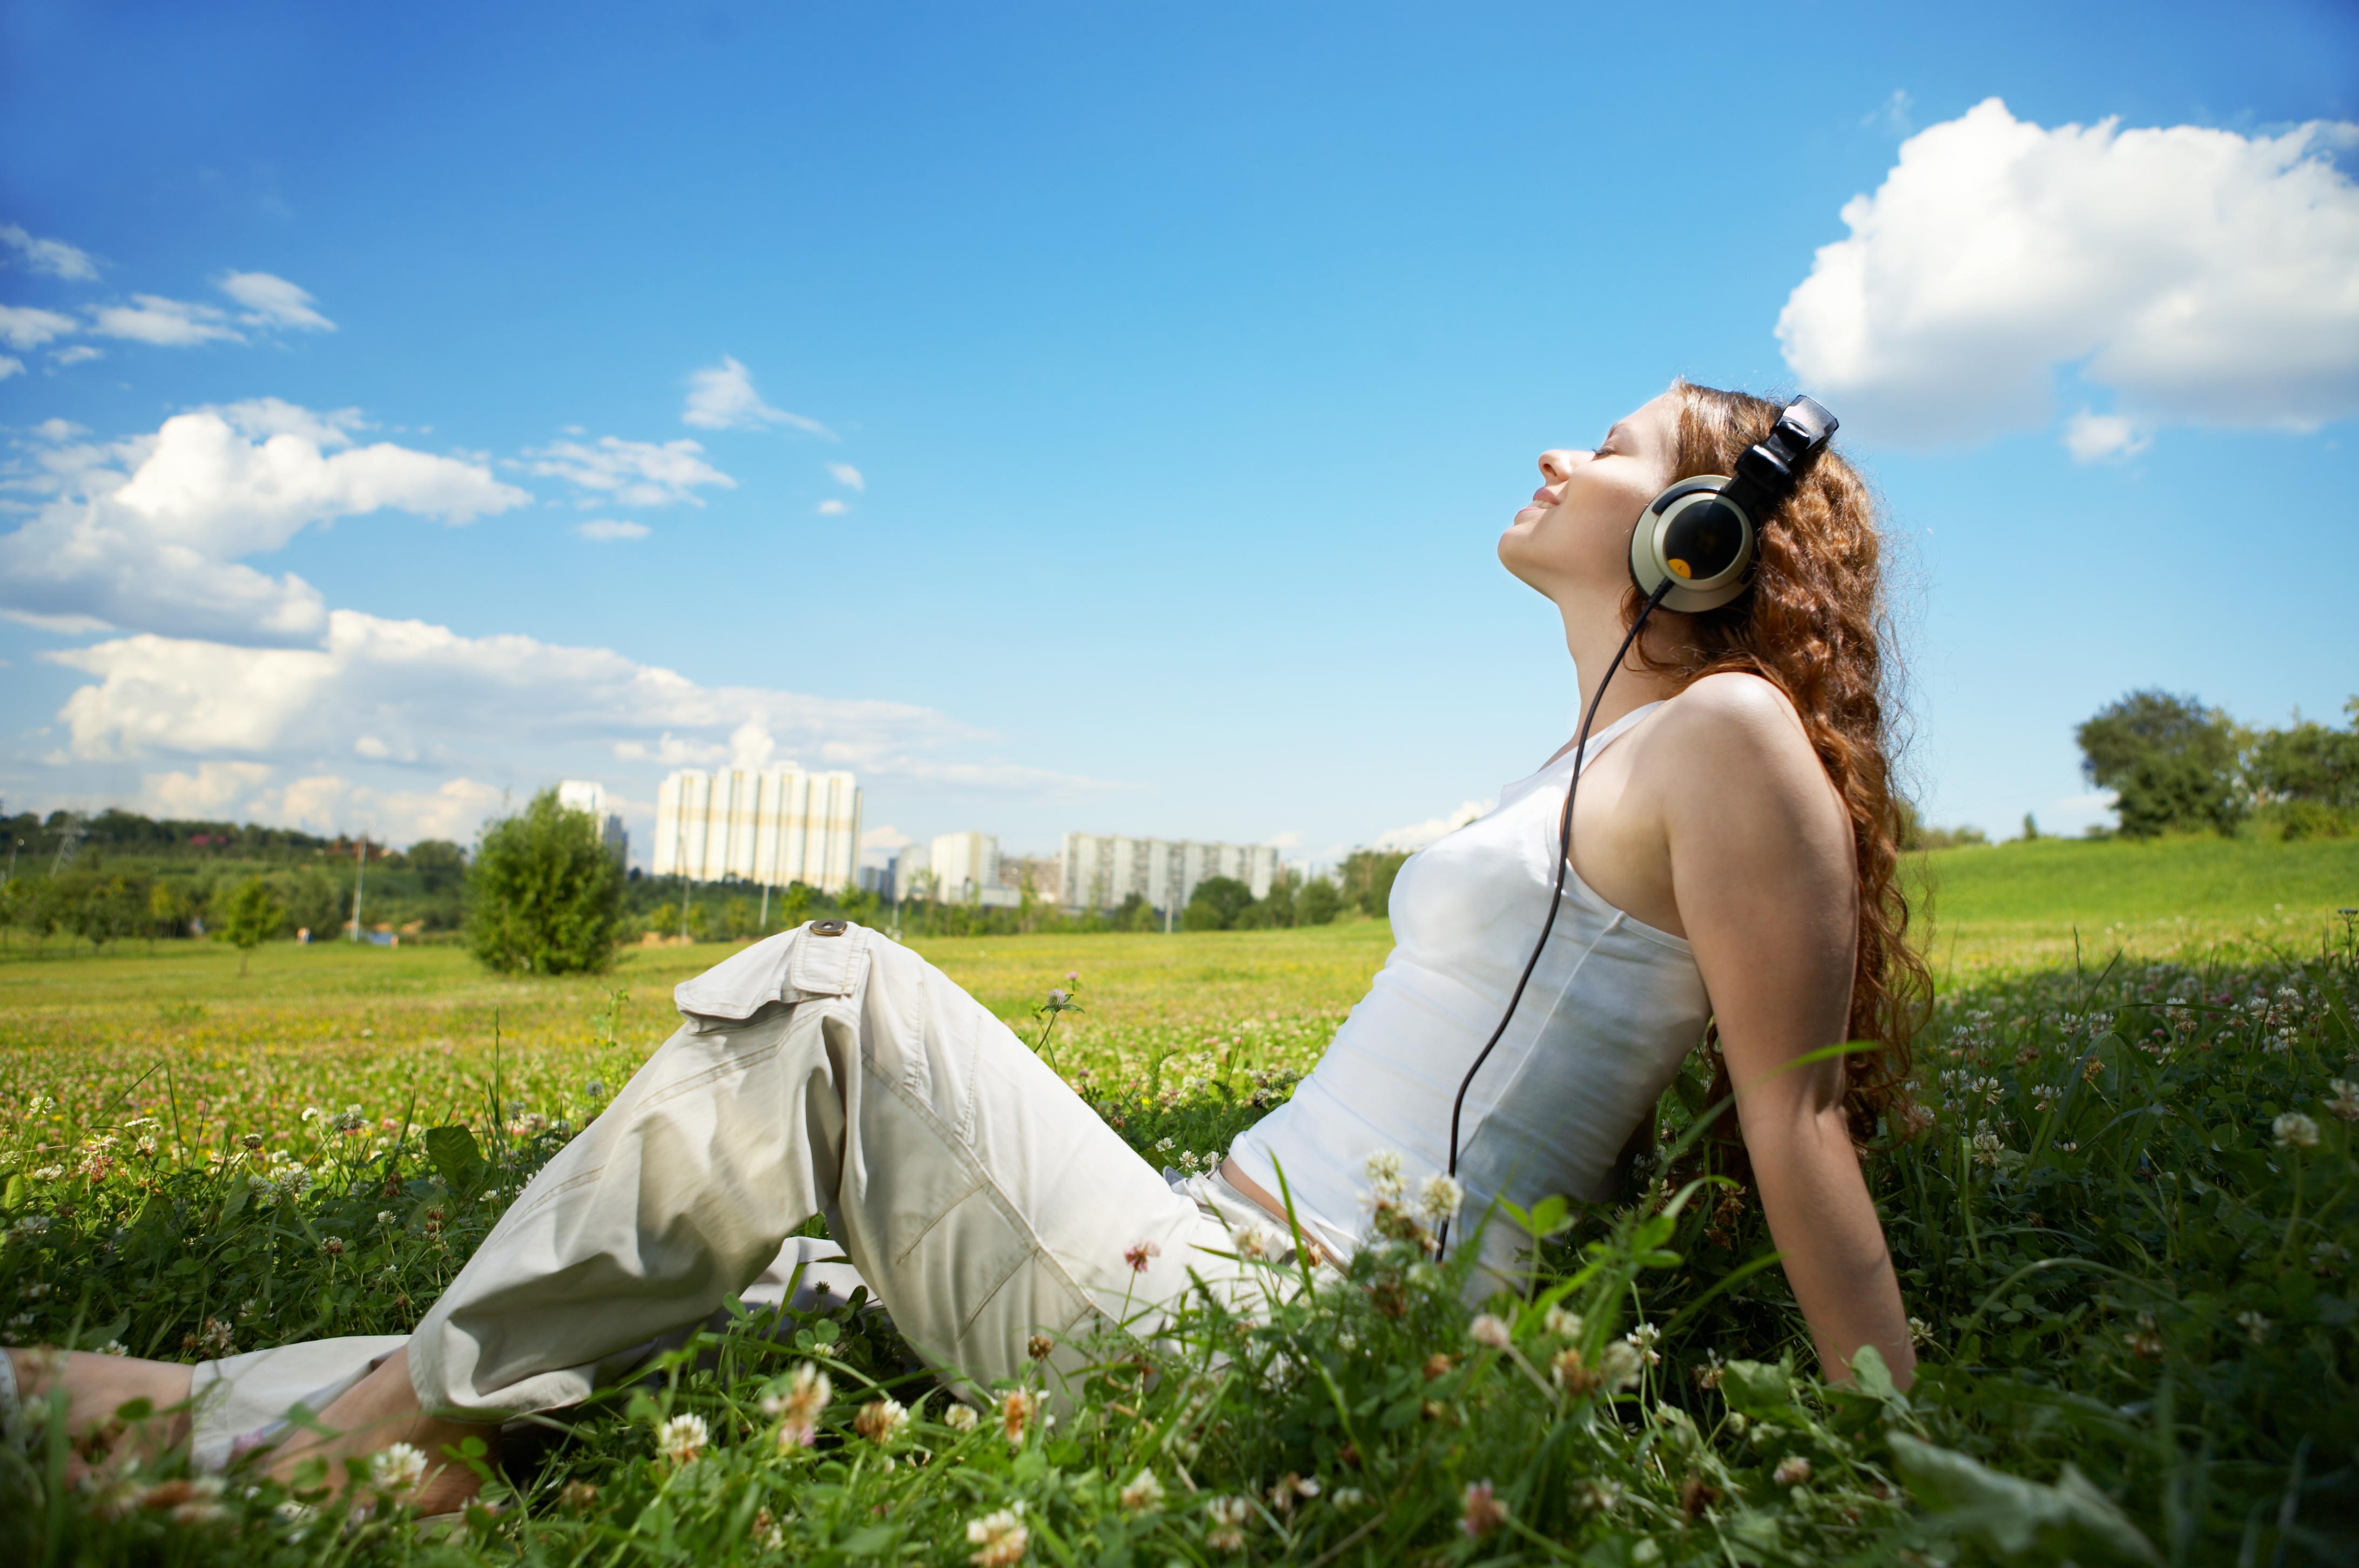 картинки музыки и тишины разделся